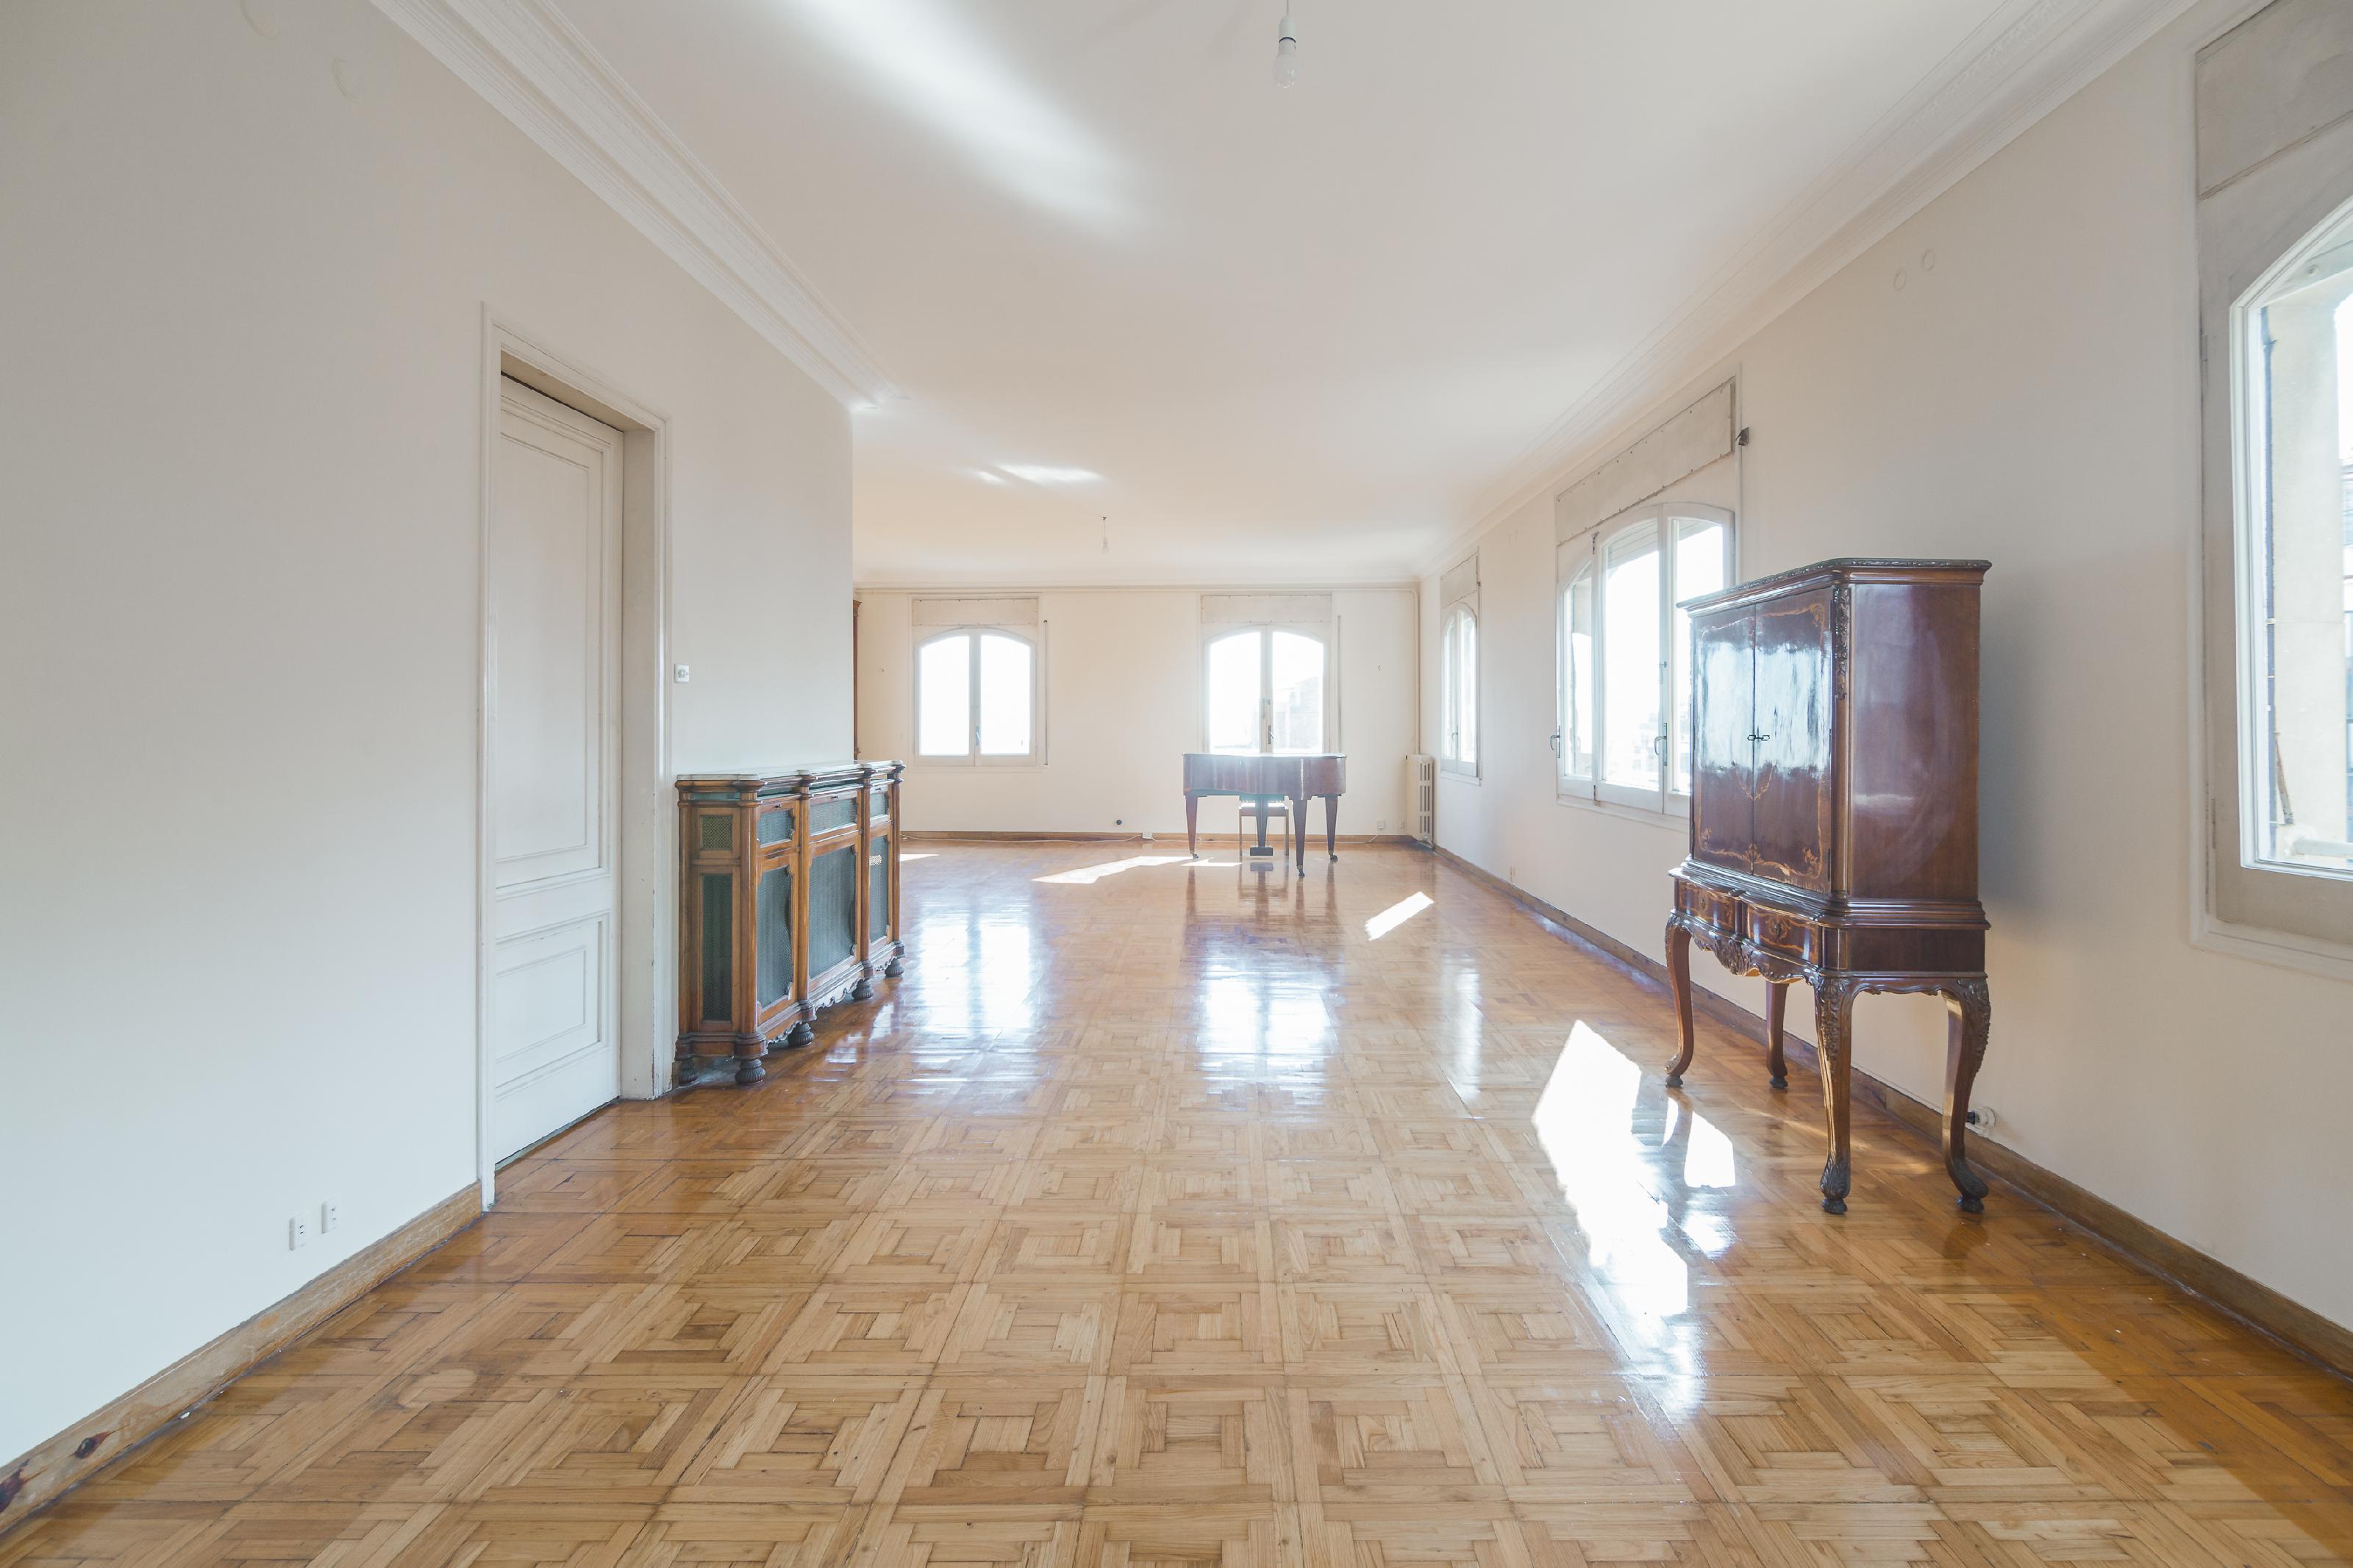 246643 Penthouse for sale in Sarrià-Sant Gervasi, St. Gervasi-Bonanova 10